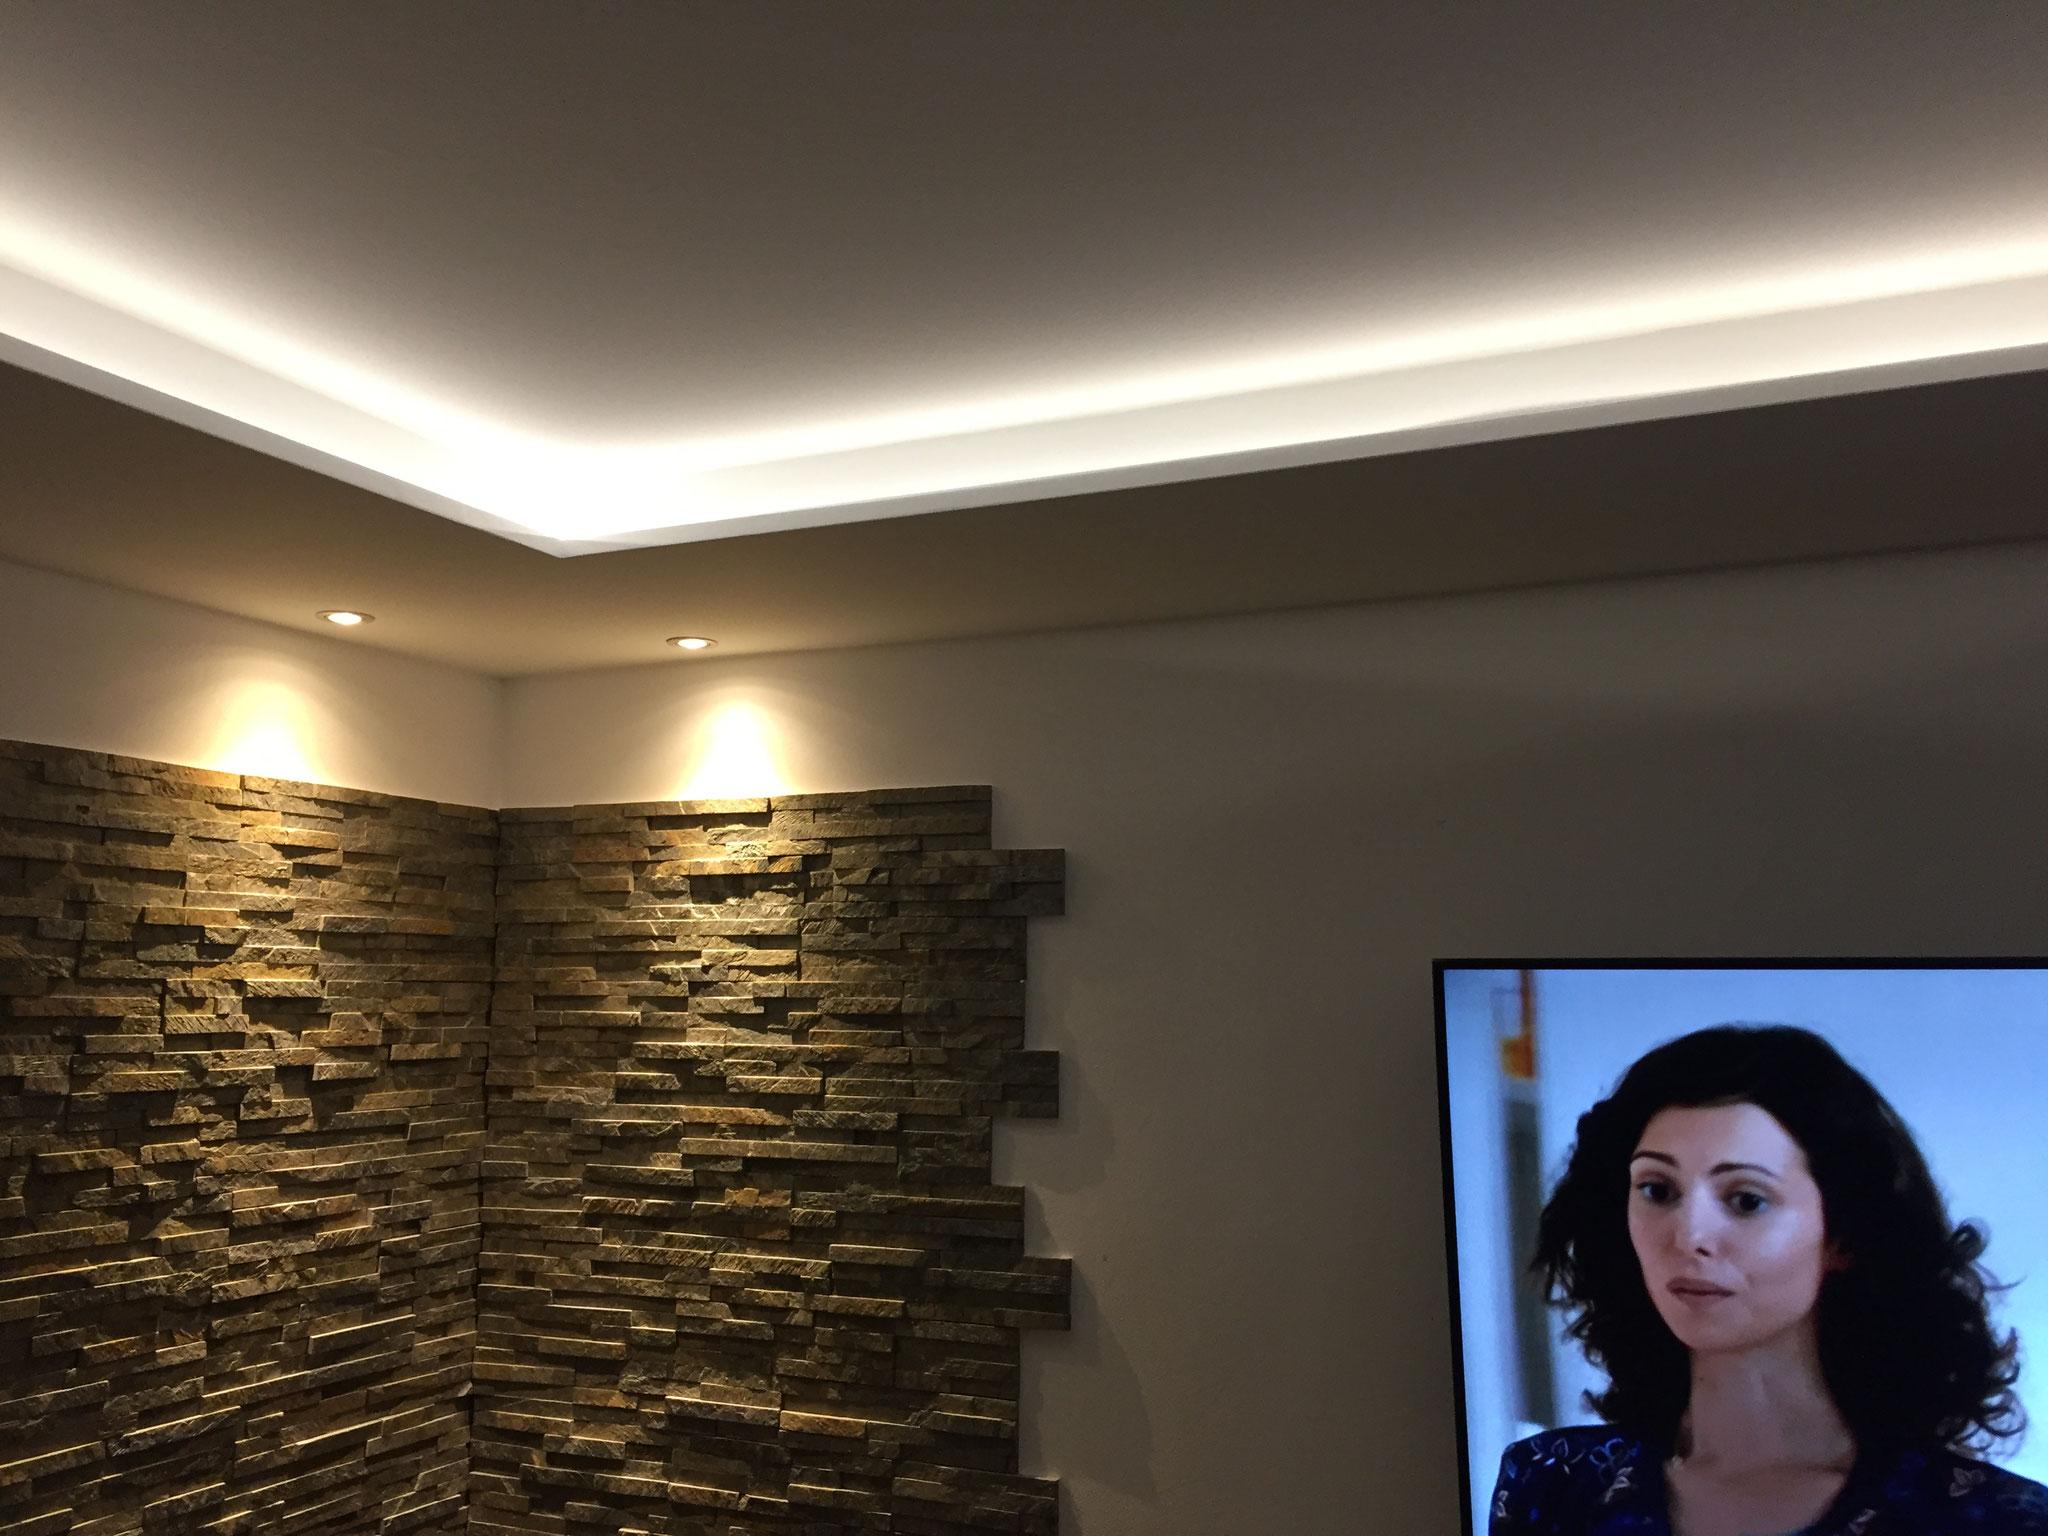 Indirekte Beleuchtung im Wohnzimmer für ein blendfreies TV-Vergnügen